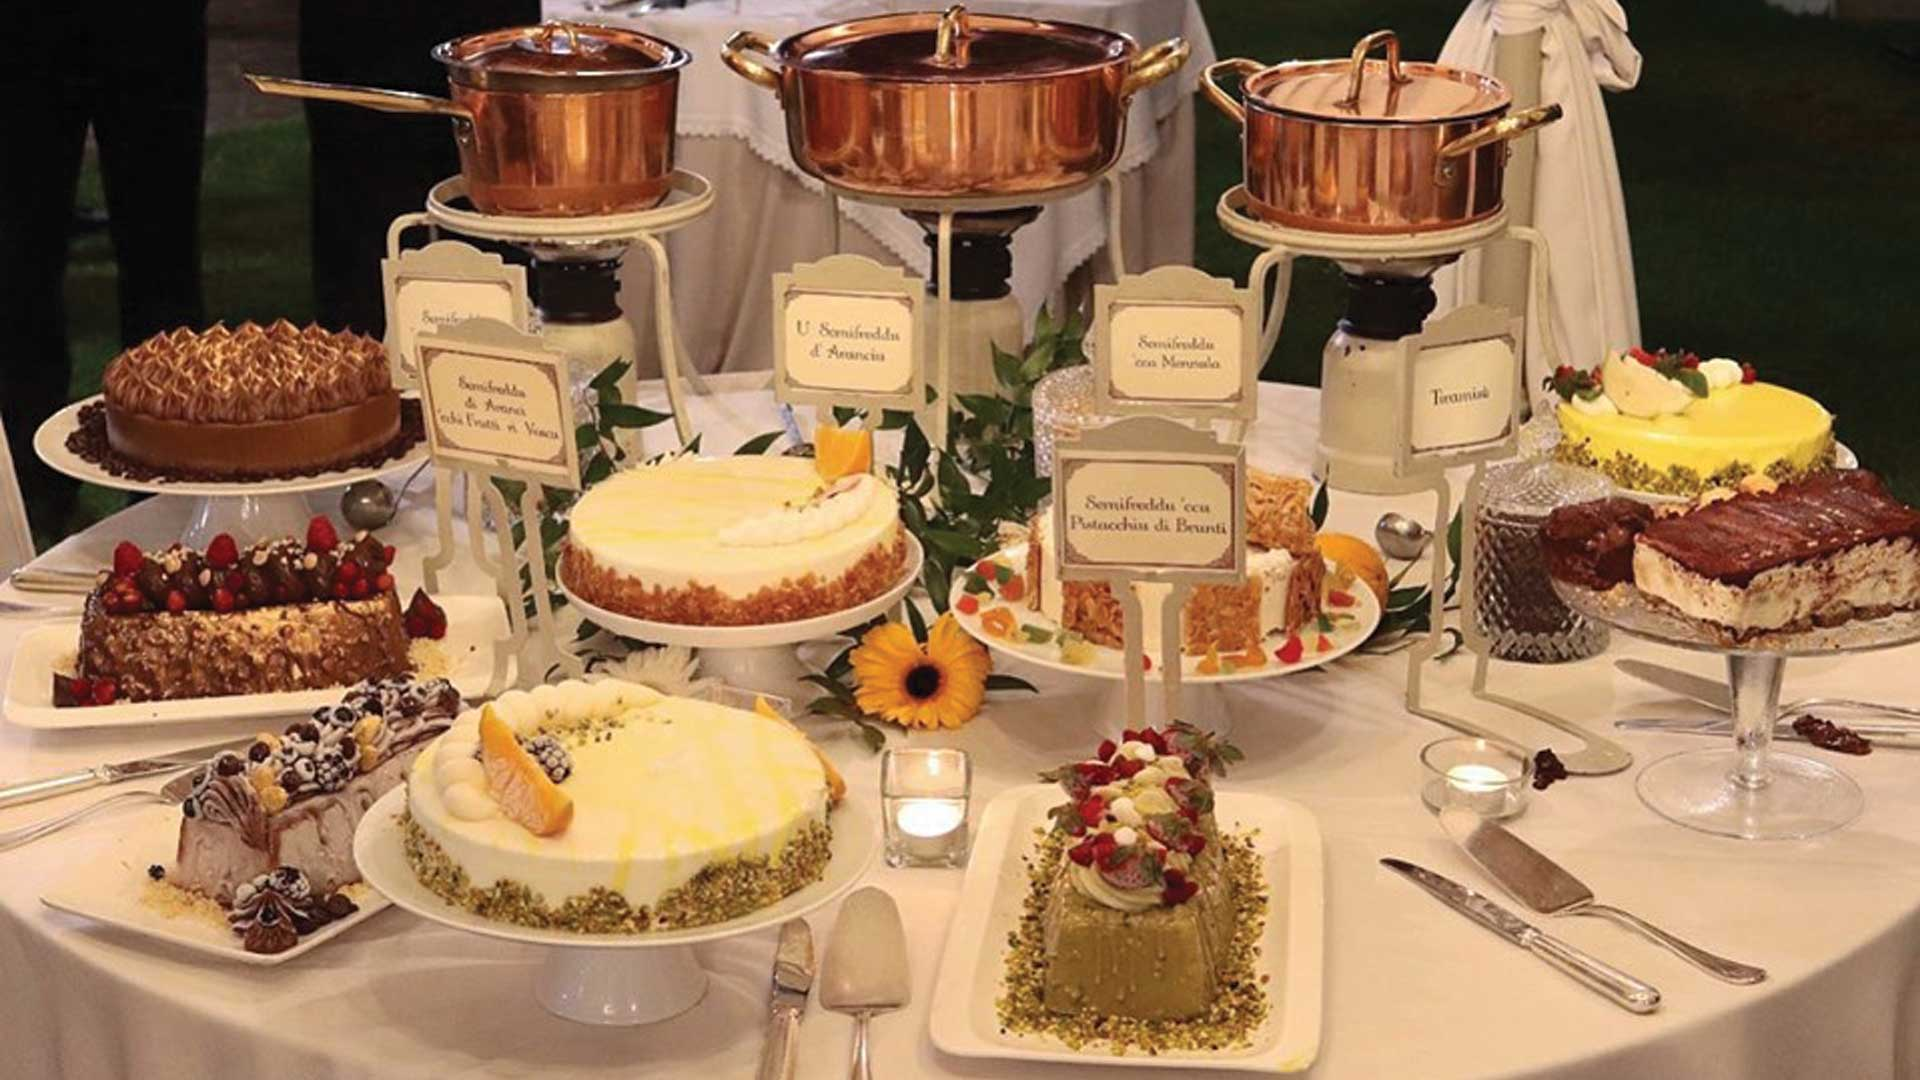 buffet di dolci - sala ricevimenti La casa del grecale